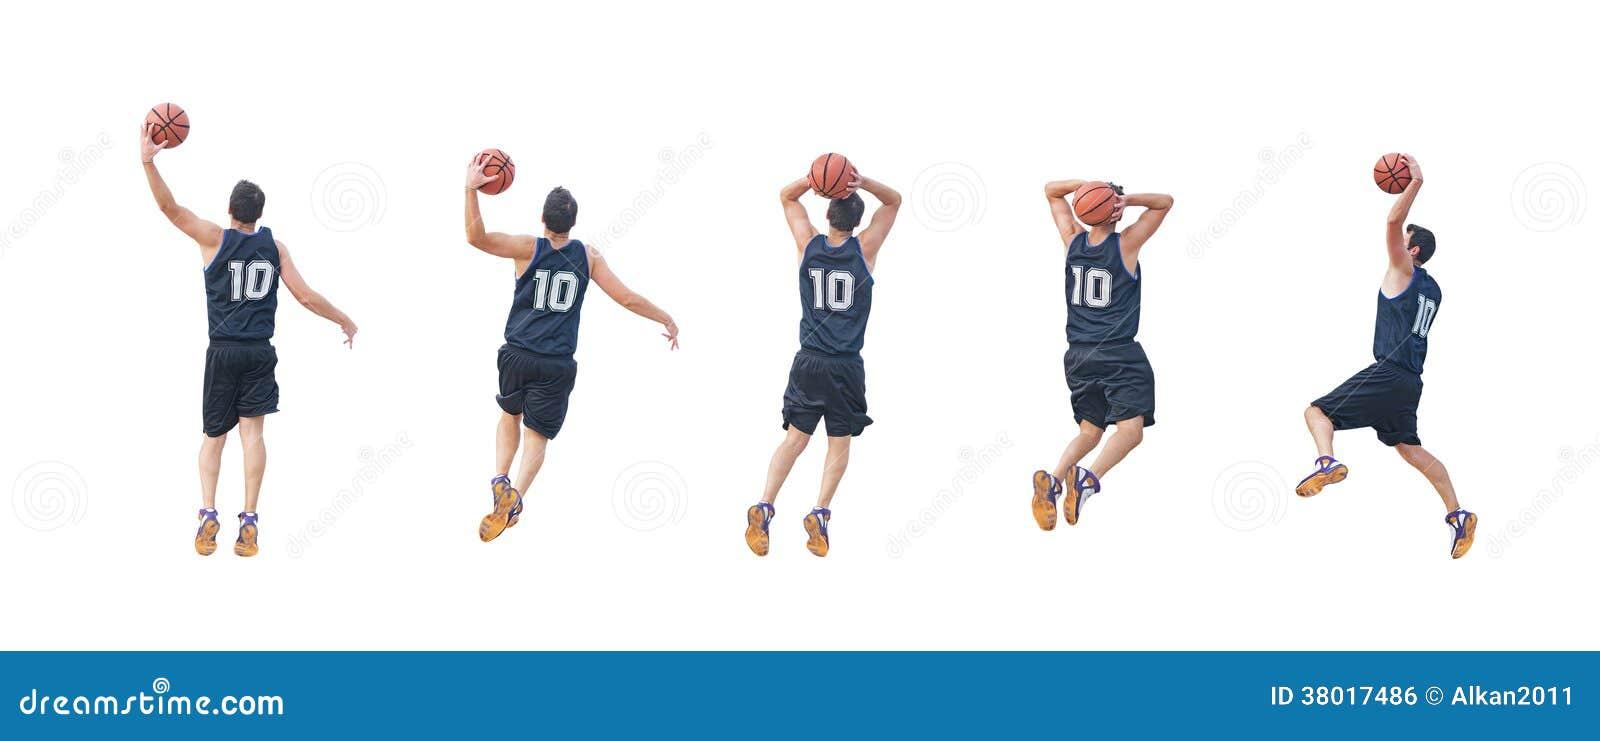 Fünf Spieler